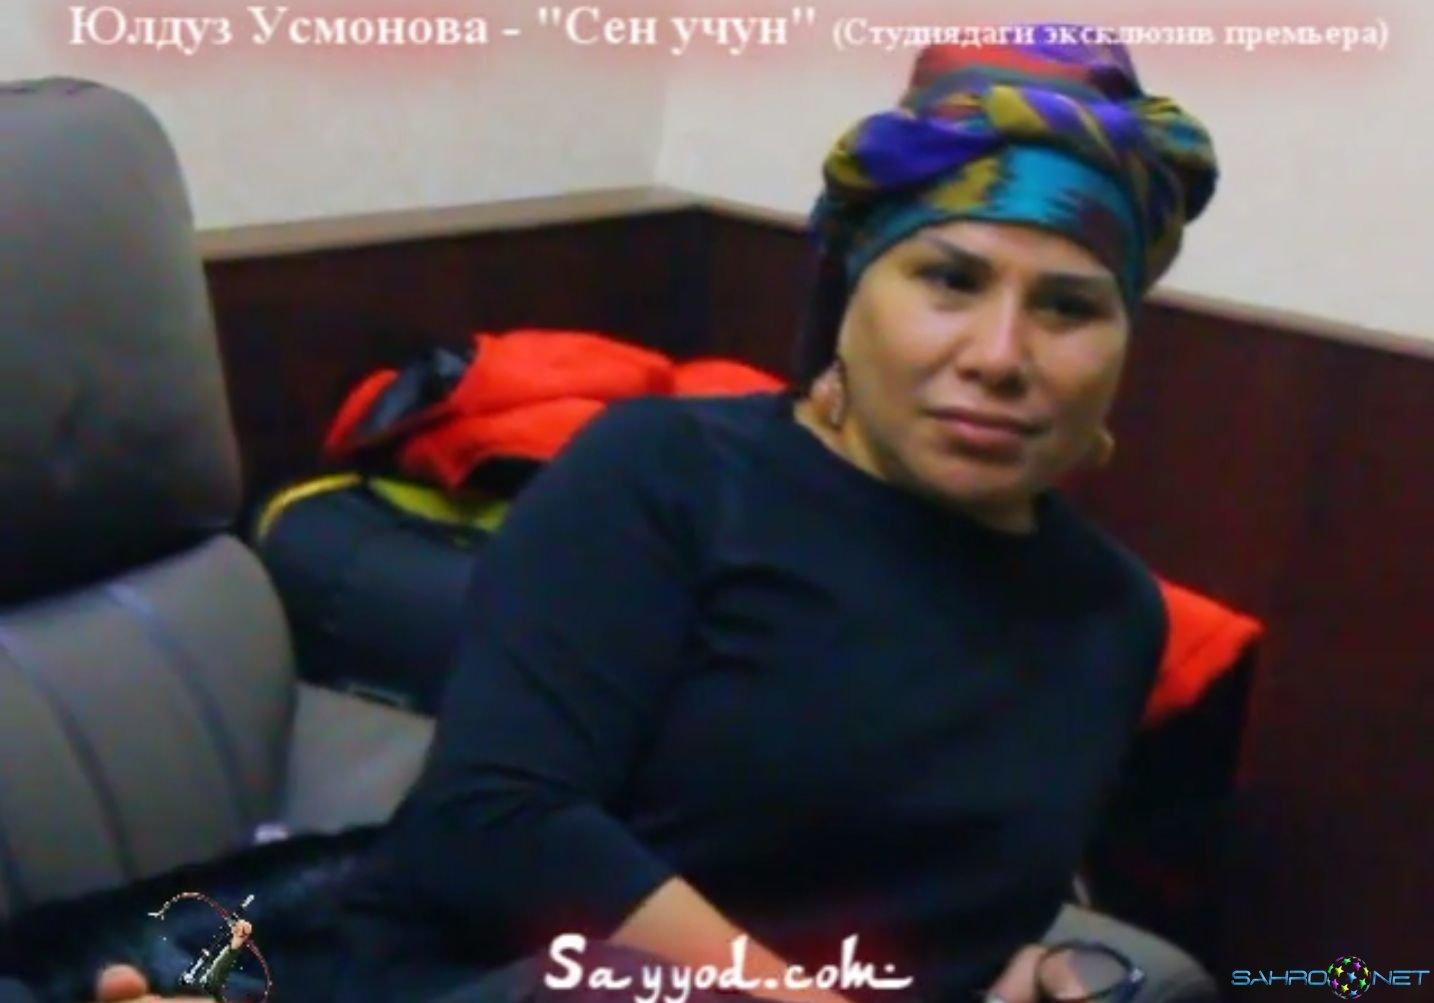 Yulduz Usmonova 2015 - Sen uchun (Studiyada) Видео 2015